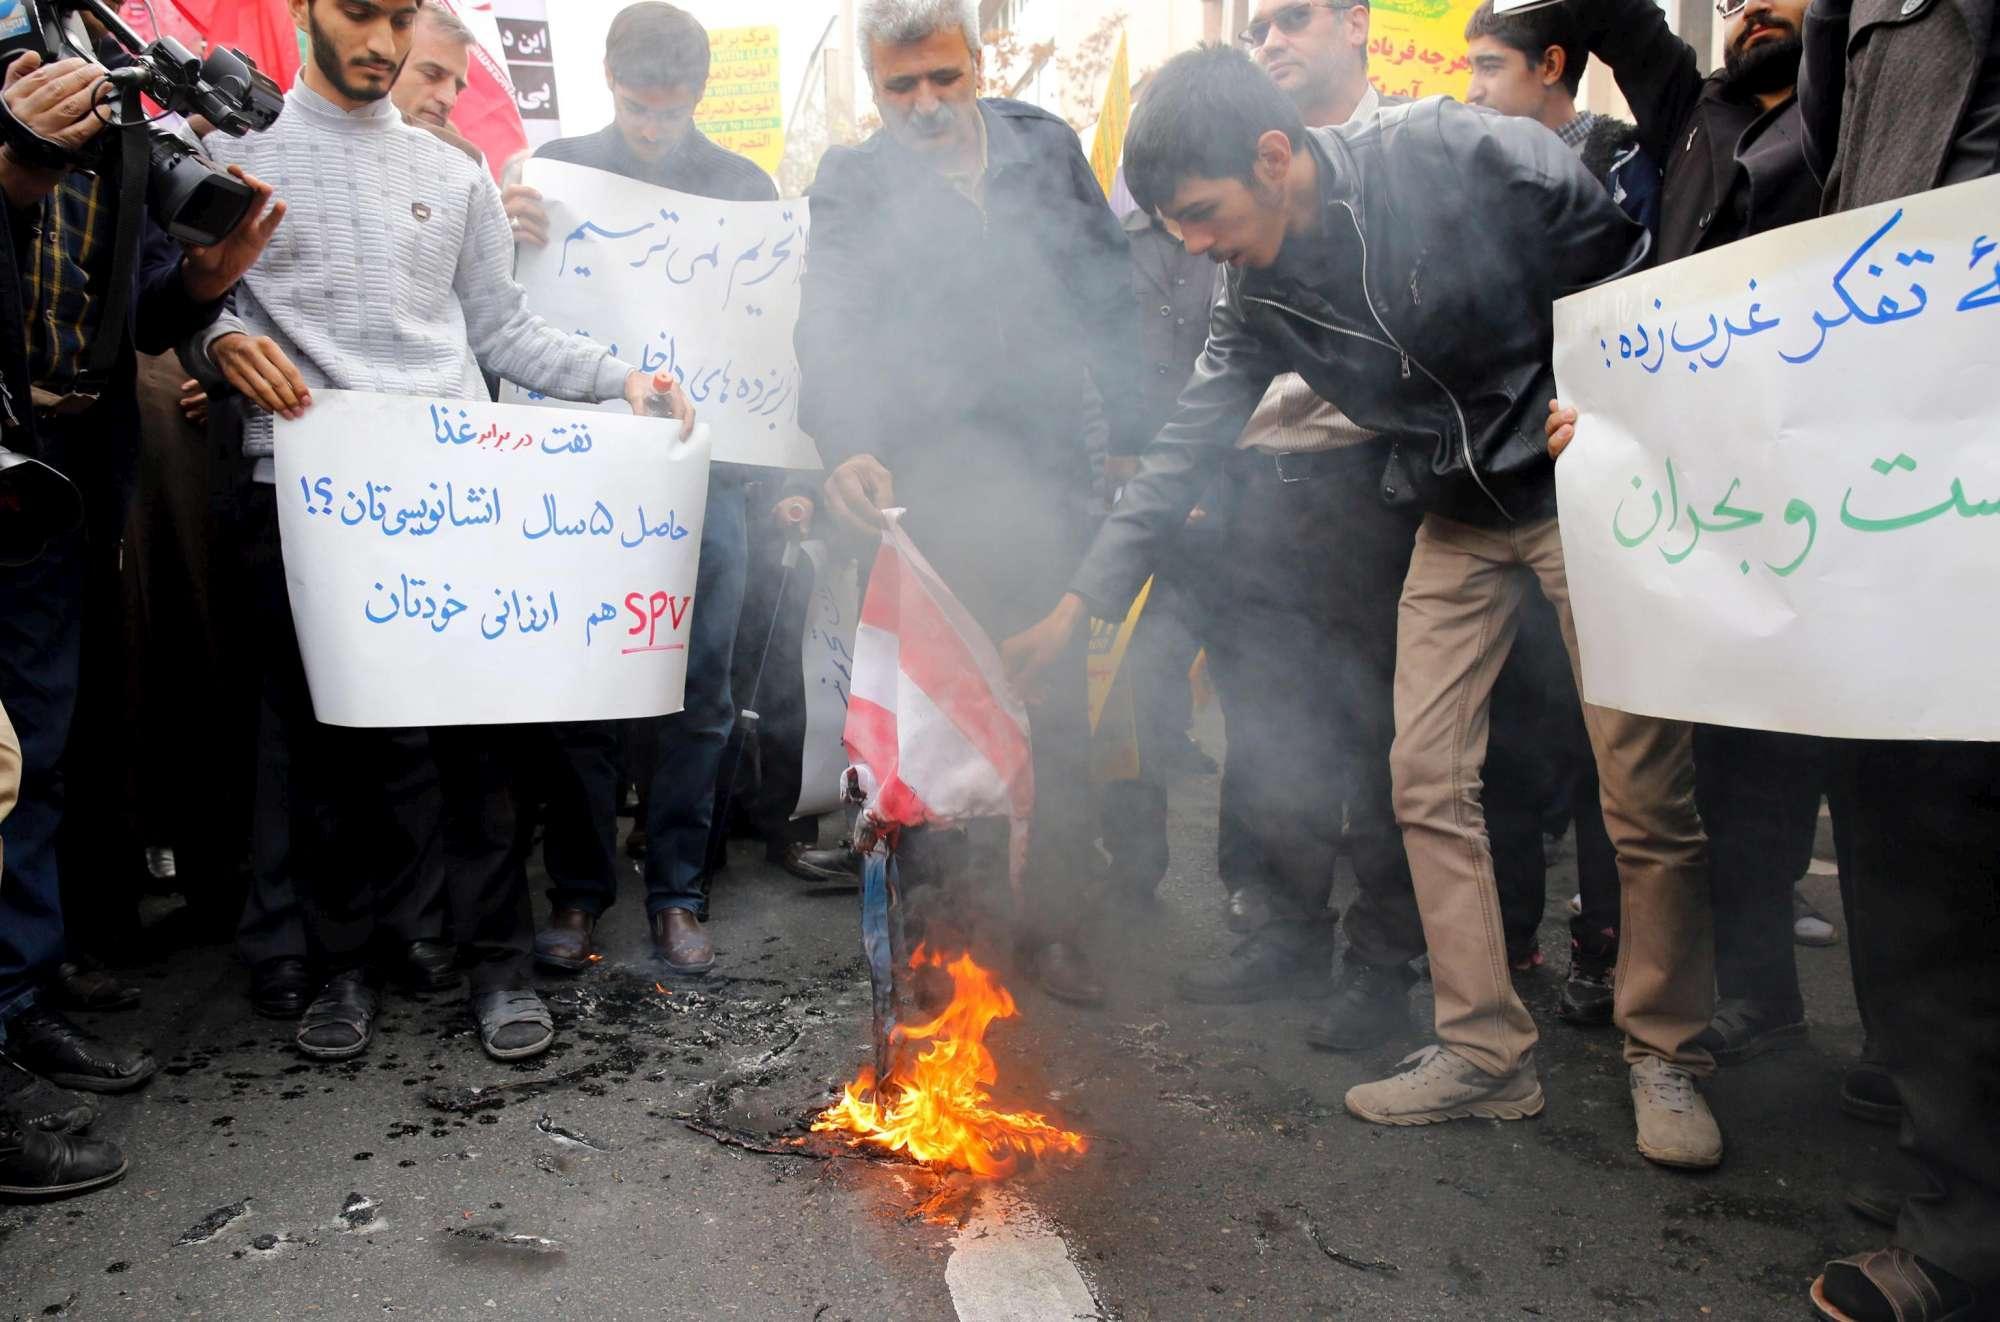 L'Iran contro Trump, bandiere Usa date alle fiamme